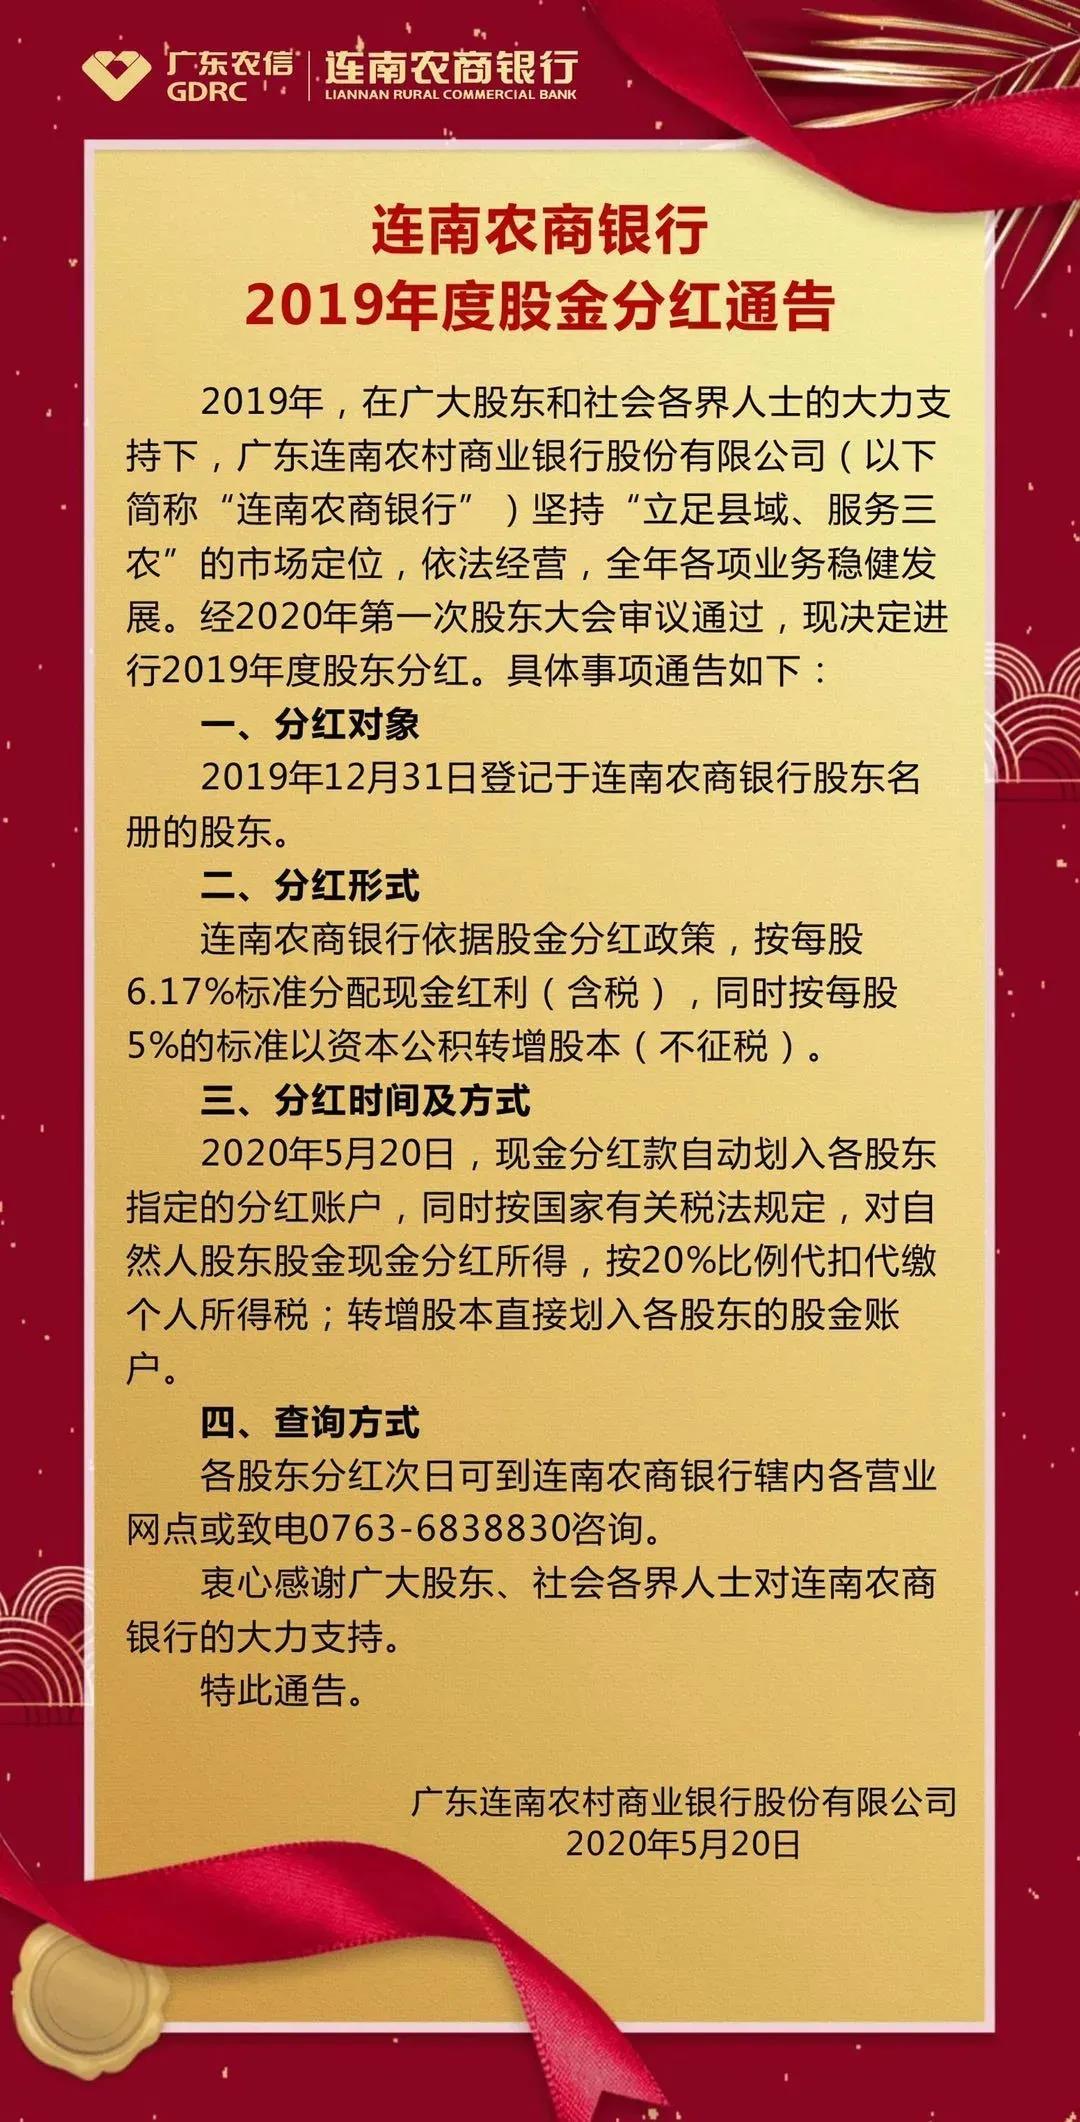 佛山顺德农商_连南农商银行2019年度股金分红通告_股驿台